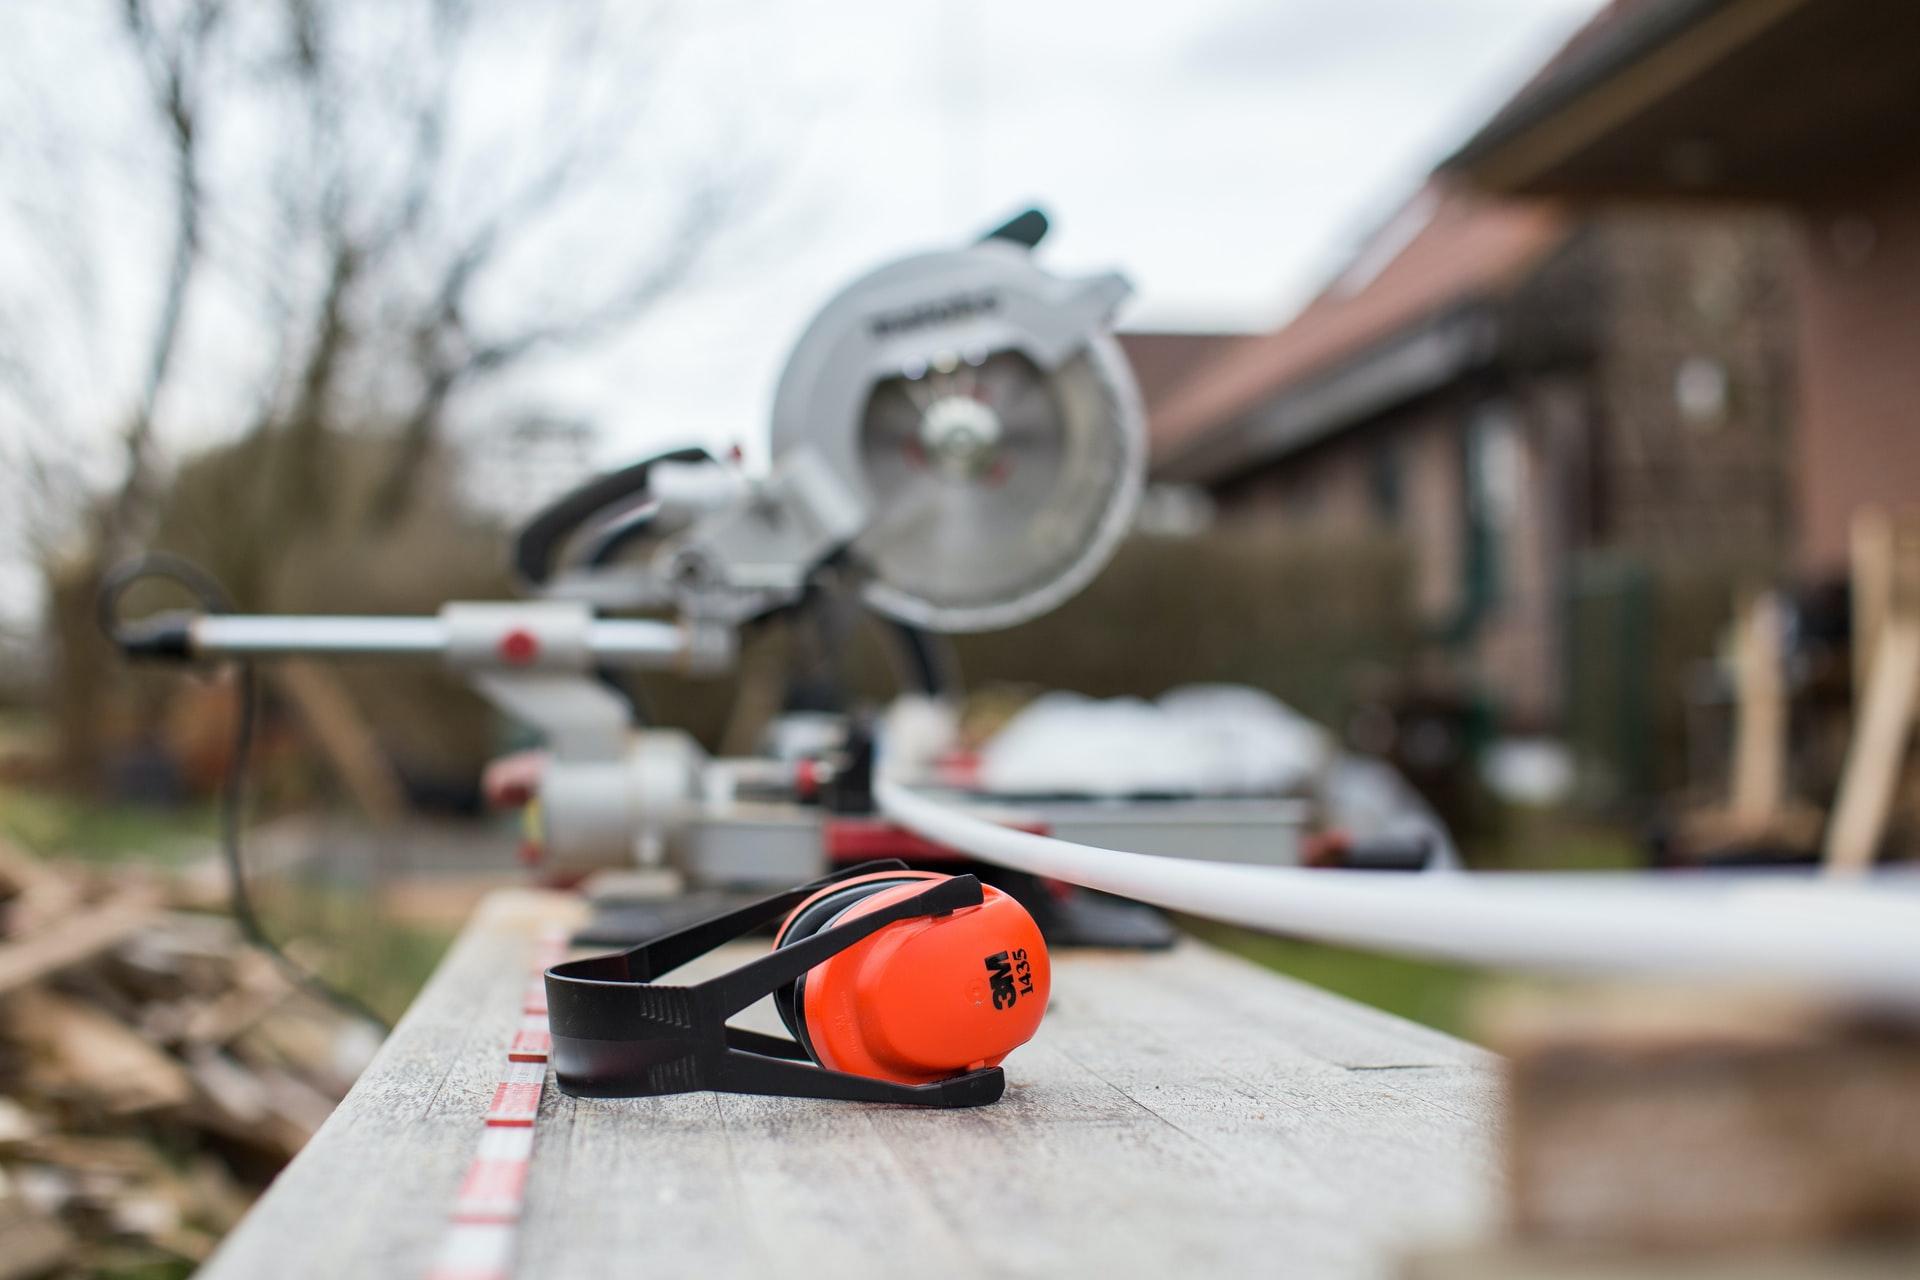 Unterweisung Lärmschutz beugt Hörschäden durch Lärm am Arbeitsplatz durch vorbeugende Maßnahmen vor.